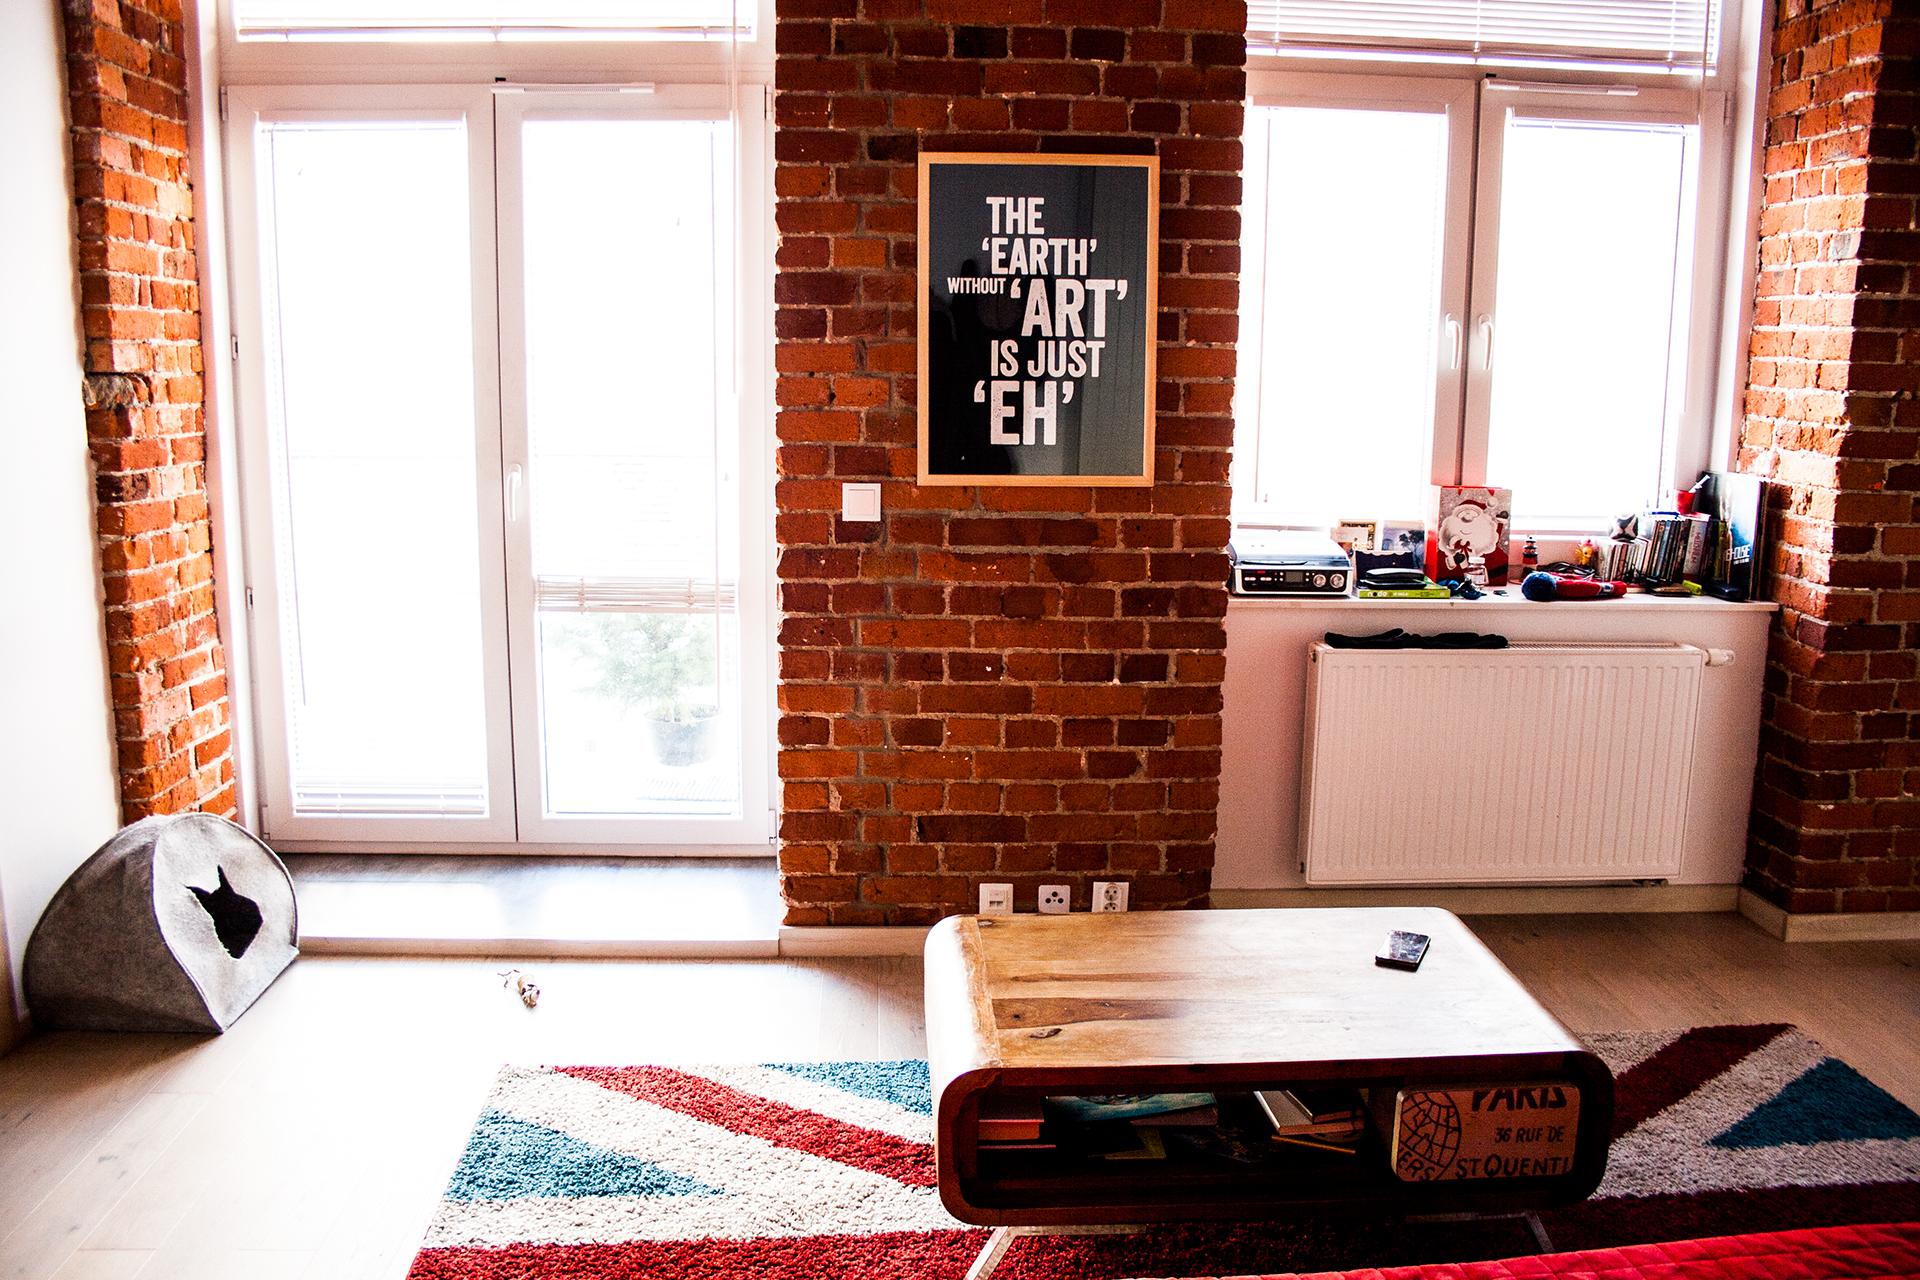 IMG 9253 - Jak wygrać z minimalizmem w swoim domu w siedmiu prostych krokach